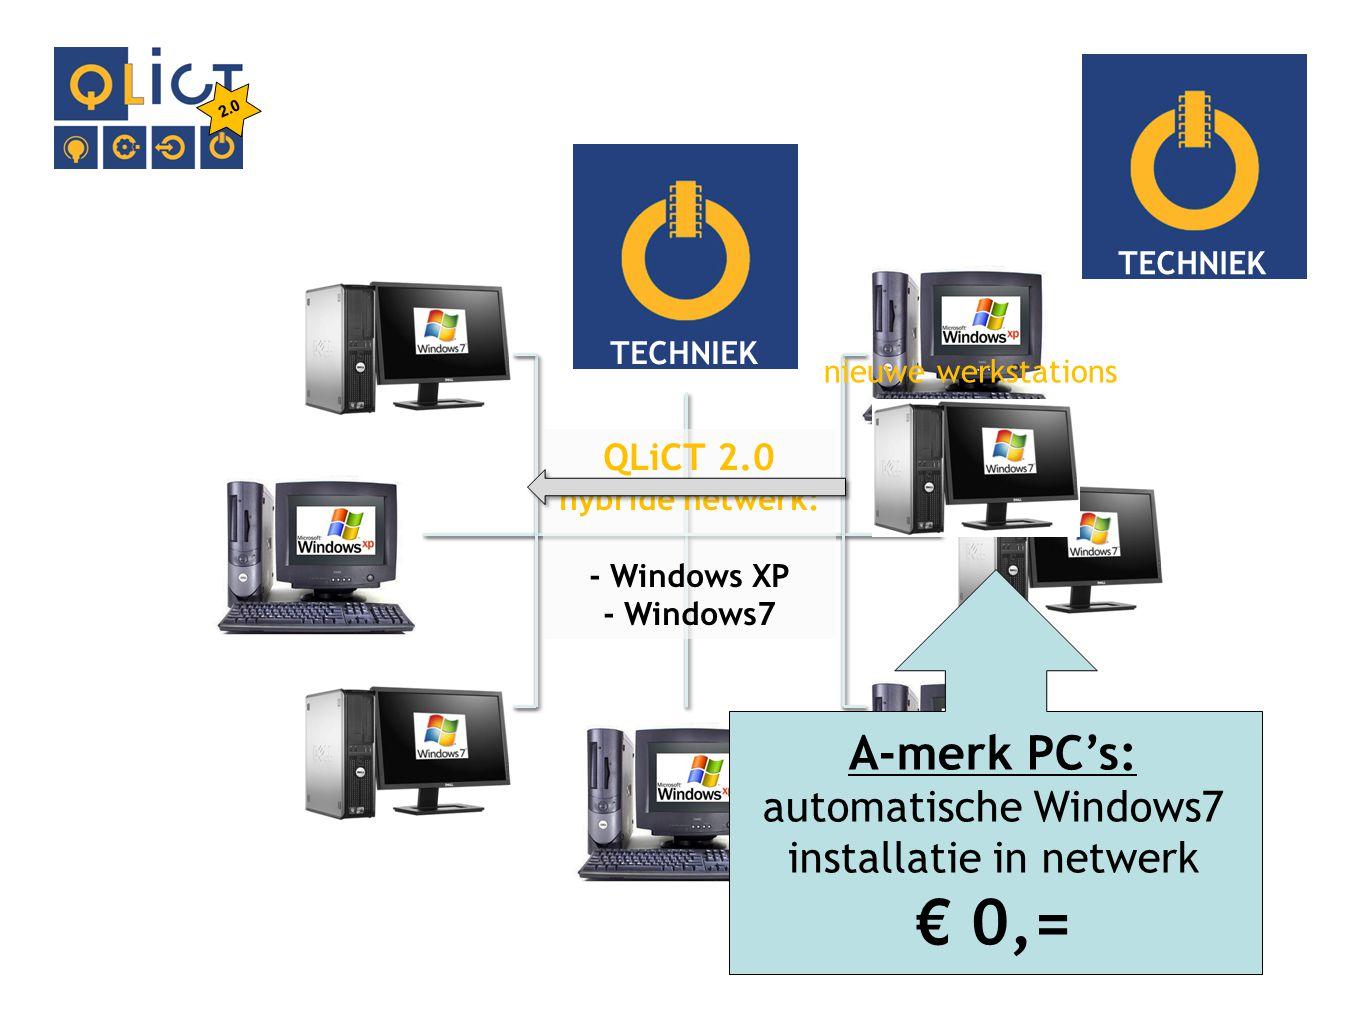 TECHNIEK 2.0 TECHNIEK A-merk PC's: automatische Windows7 installatie in netwerk € 0,= nieuwe werkstations